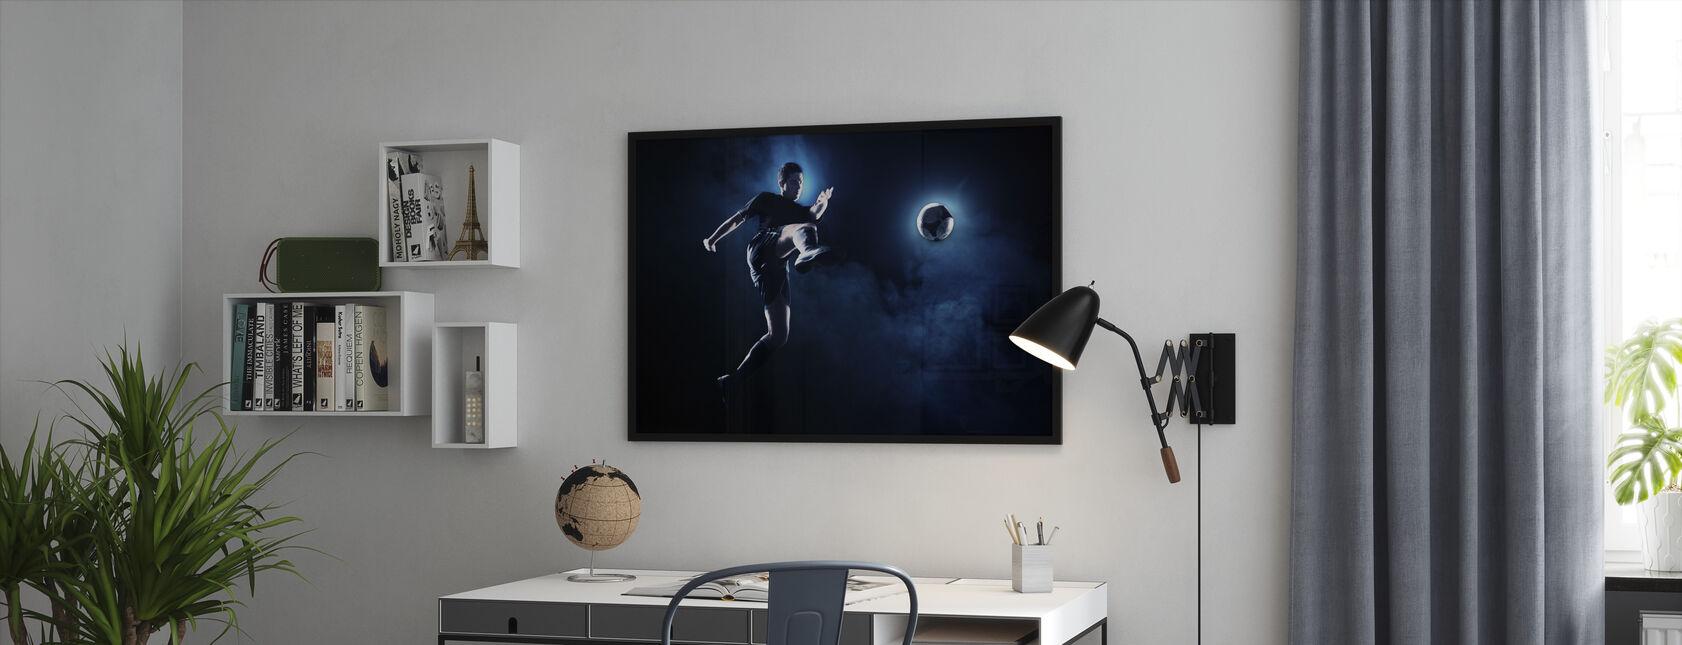 Sininen savu Jalkapallo - Kehystetty kuva - Toimisto